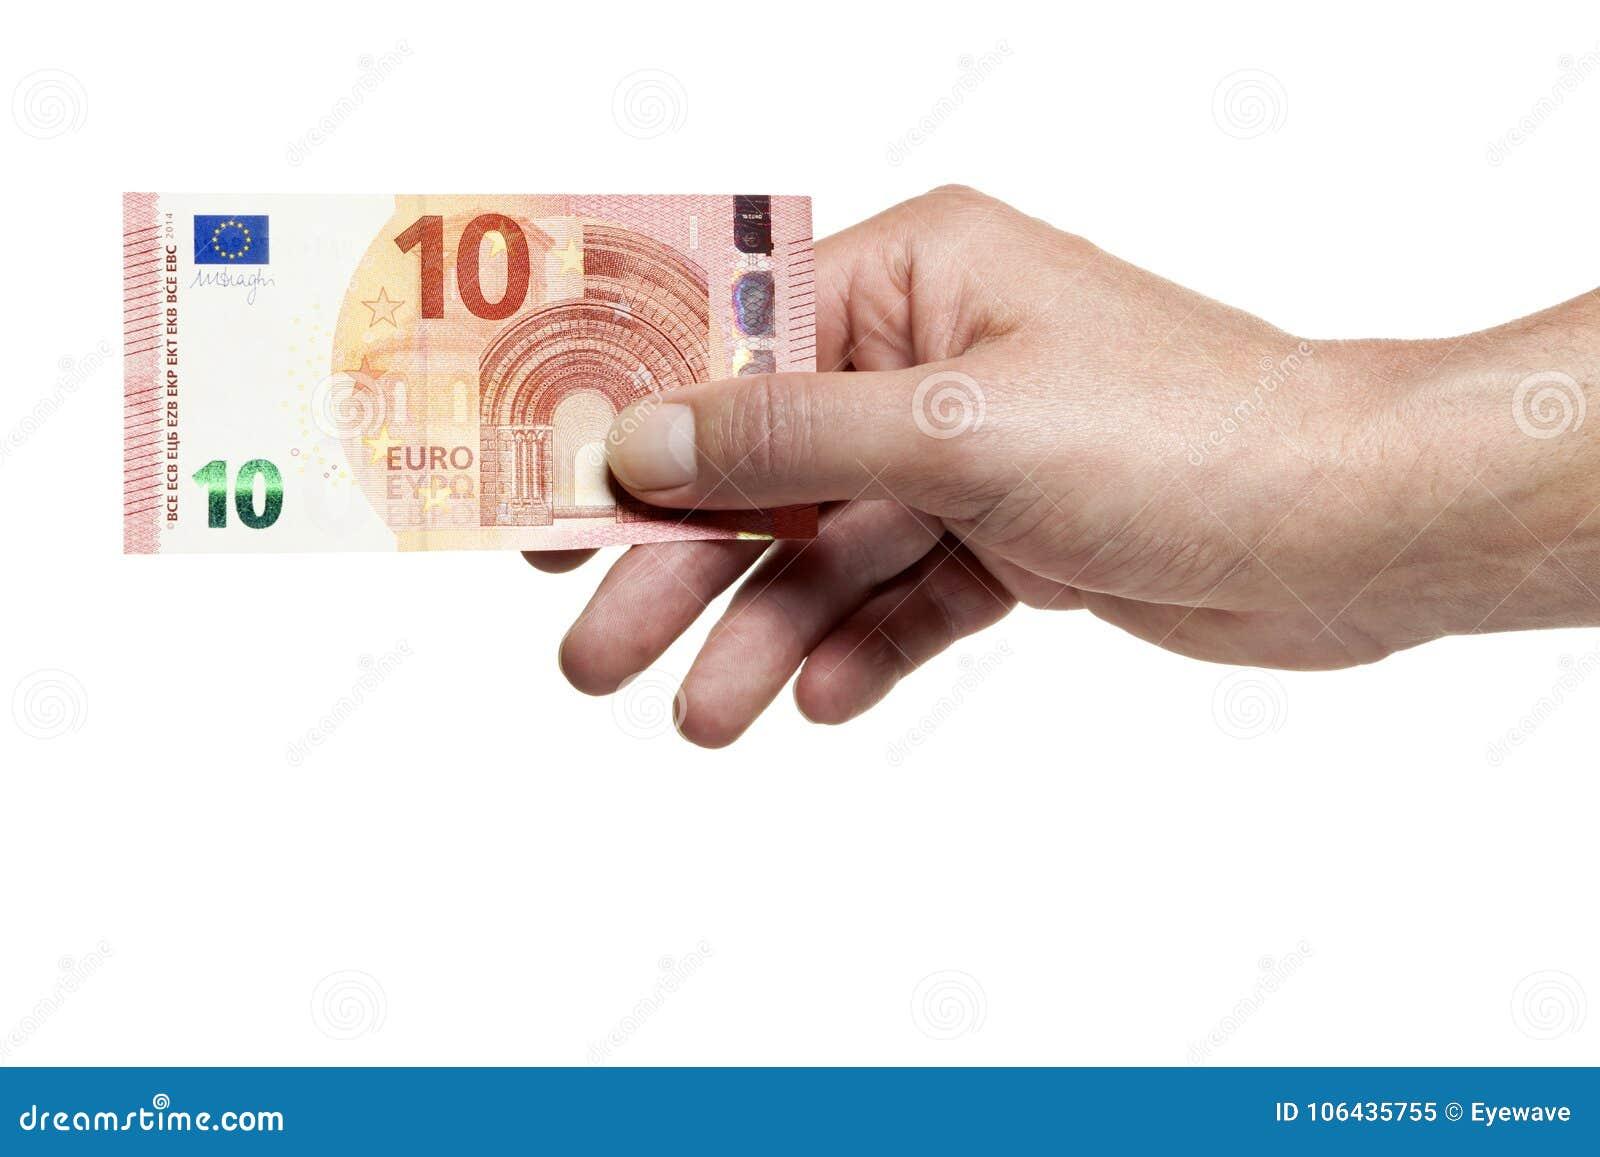 Mano que lleva a cabo cuenta de diez euros